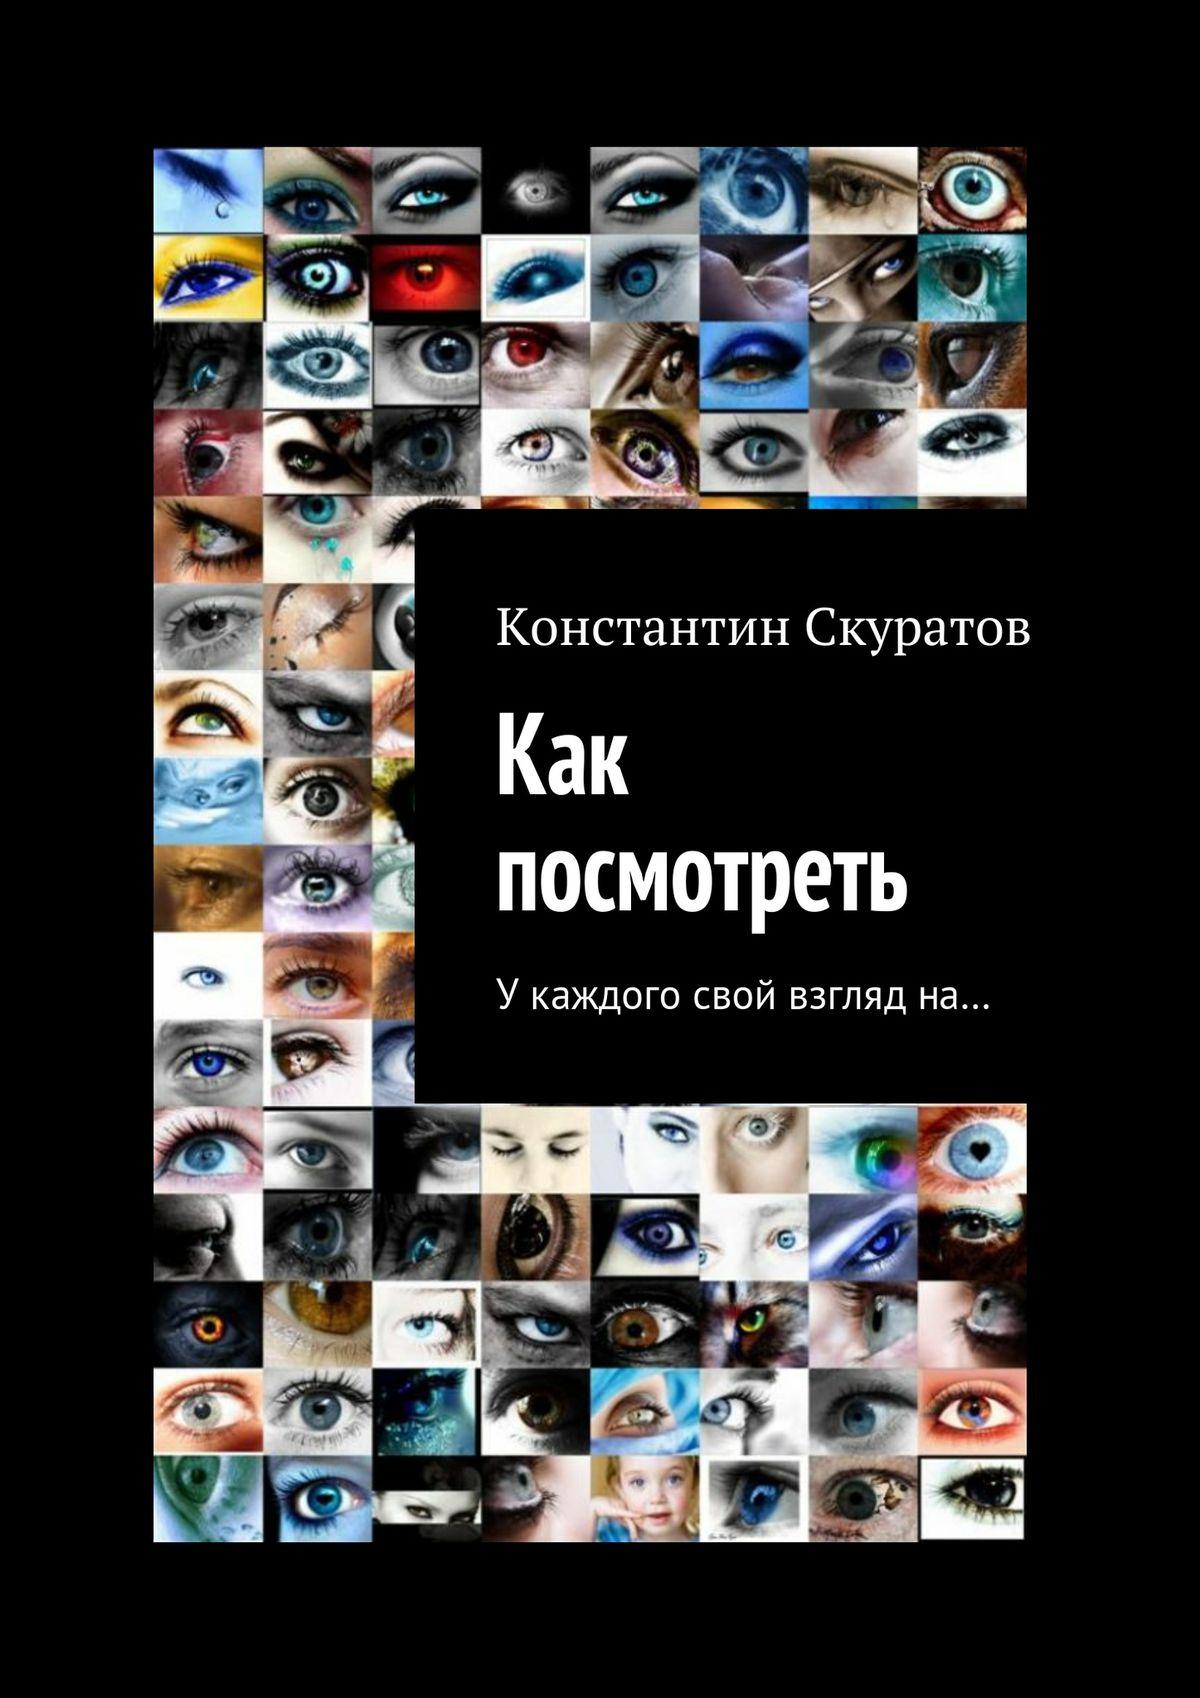 Константин Скуратов Как посмотреть константин скуратов рожденные в зоне дано не каждому